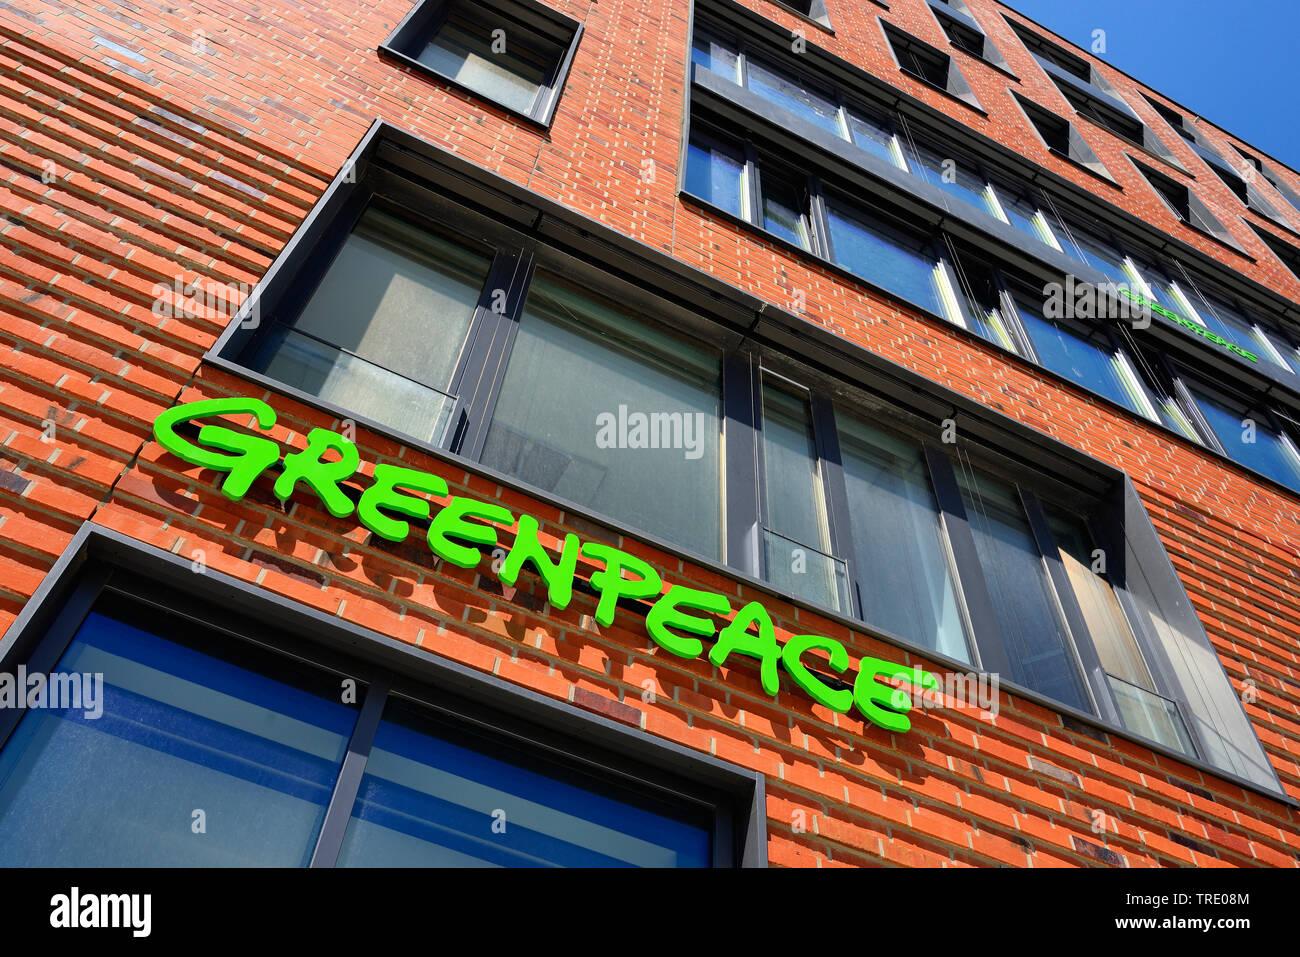 Elbarkaden und Greenpeace-Sitz in der Hafencity von Hamburg, Deutschland, Hamburg | Elb Arcades and seat of Greenpeace in the hafencity of Hamburg, Ge - Stock Image